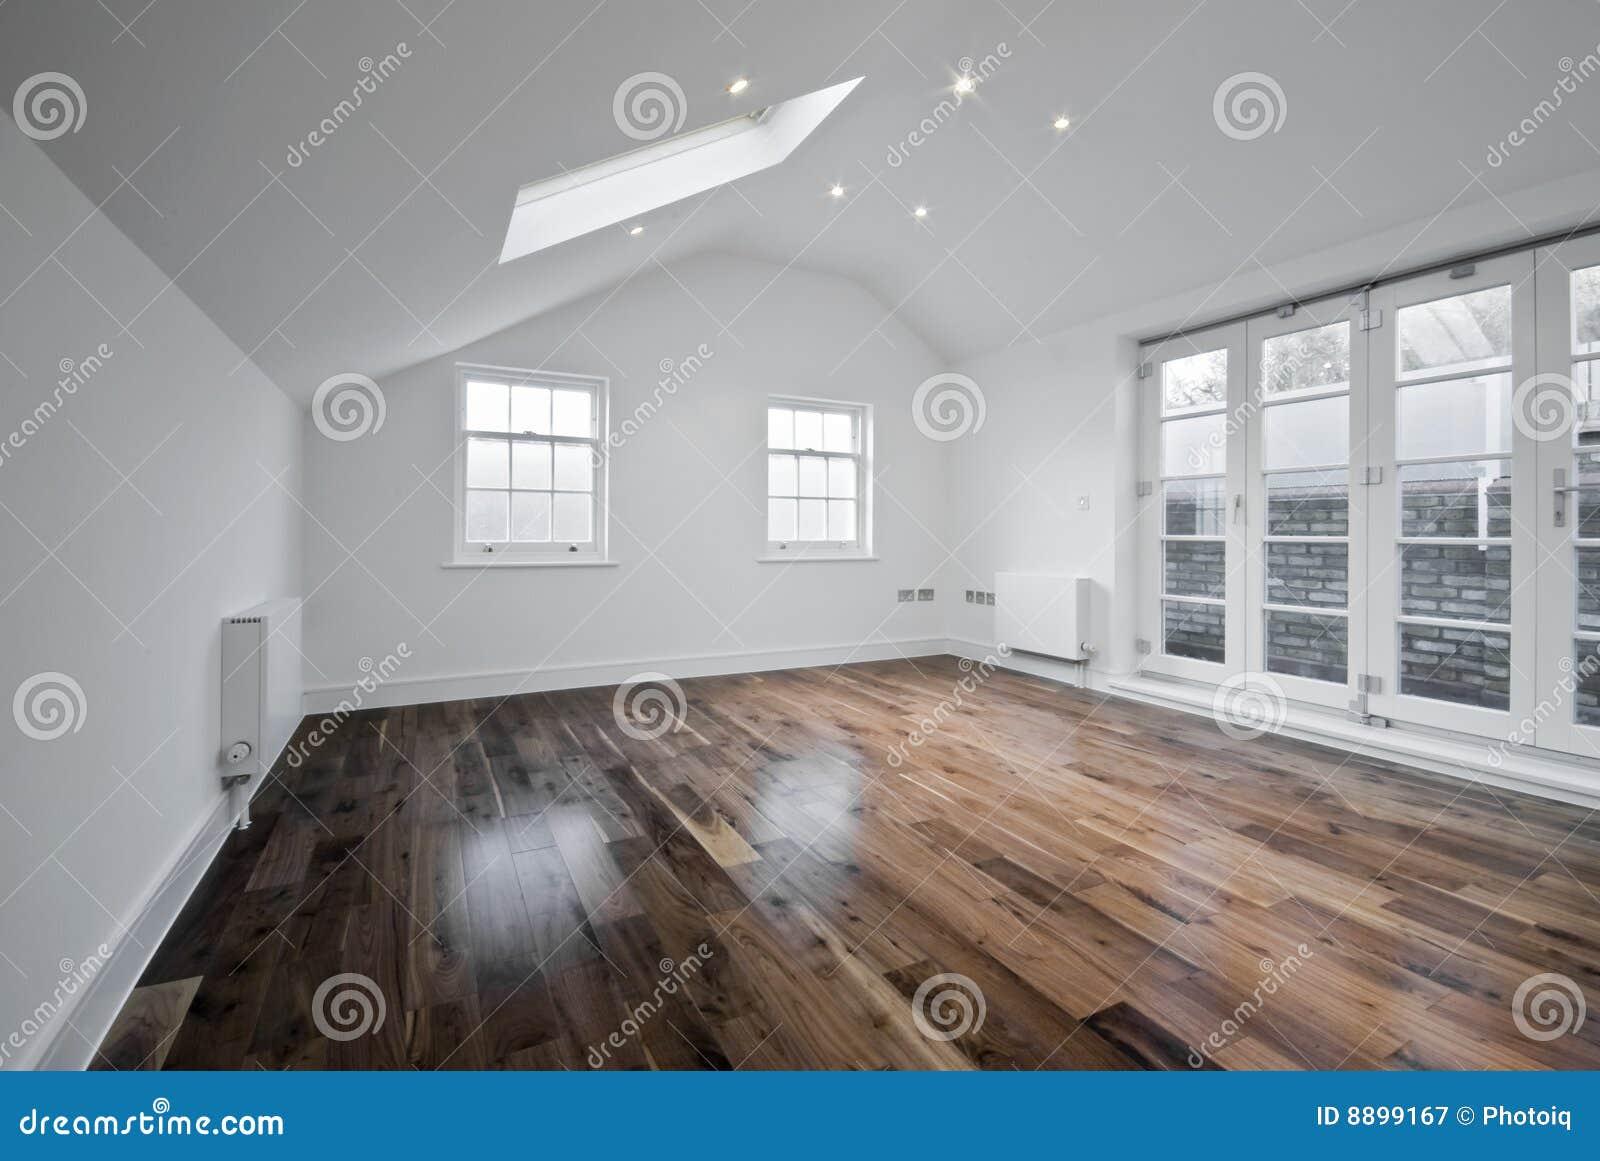 Stanza del granaio con la finestra del tetto immagine - Finestra da tetto prezzi ...